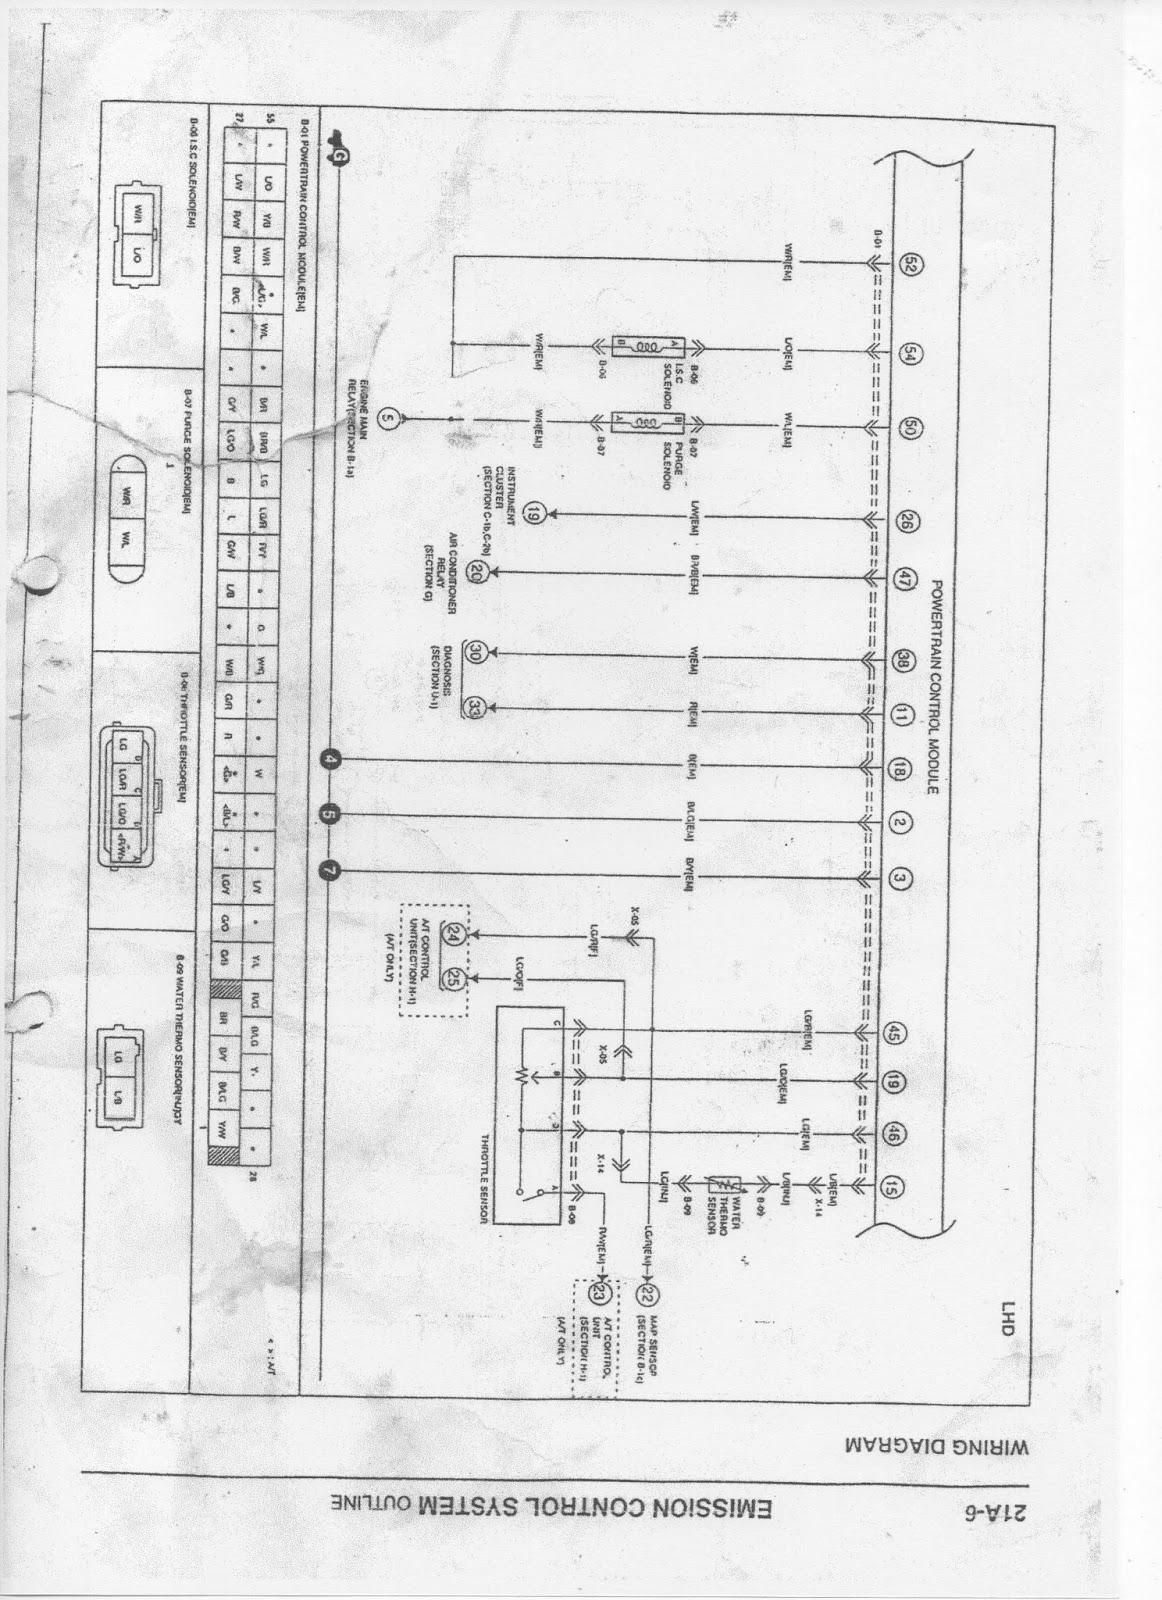 wiring diagram kia sephia